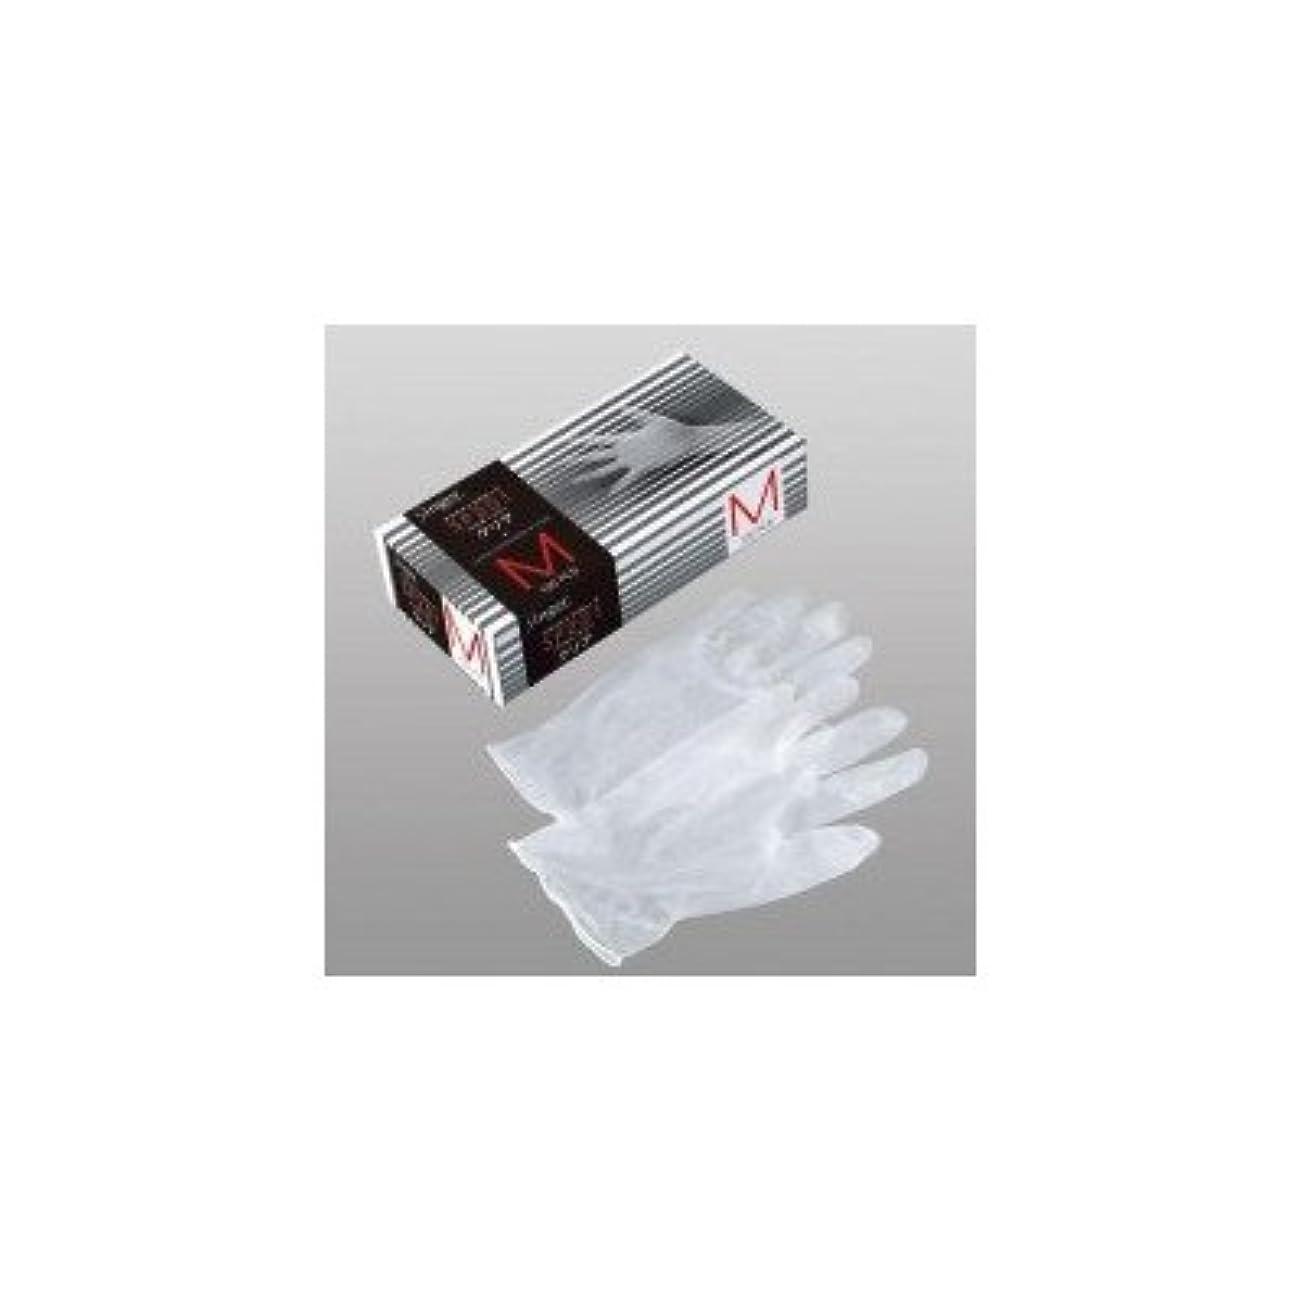 放つ悪魔証言シンガープラスチックグローブ(手袋) SP201 パウダーフリー クリアー(100枚) S( 画像はイメージ画像です お届けの商品はSのみとなります)